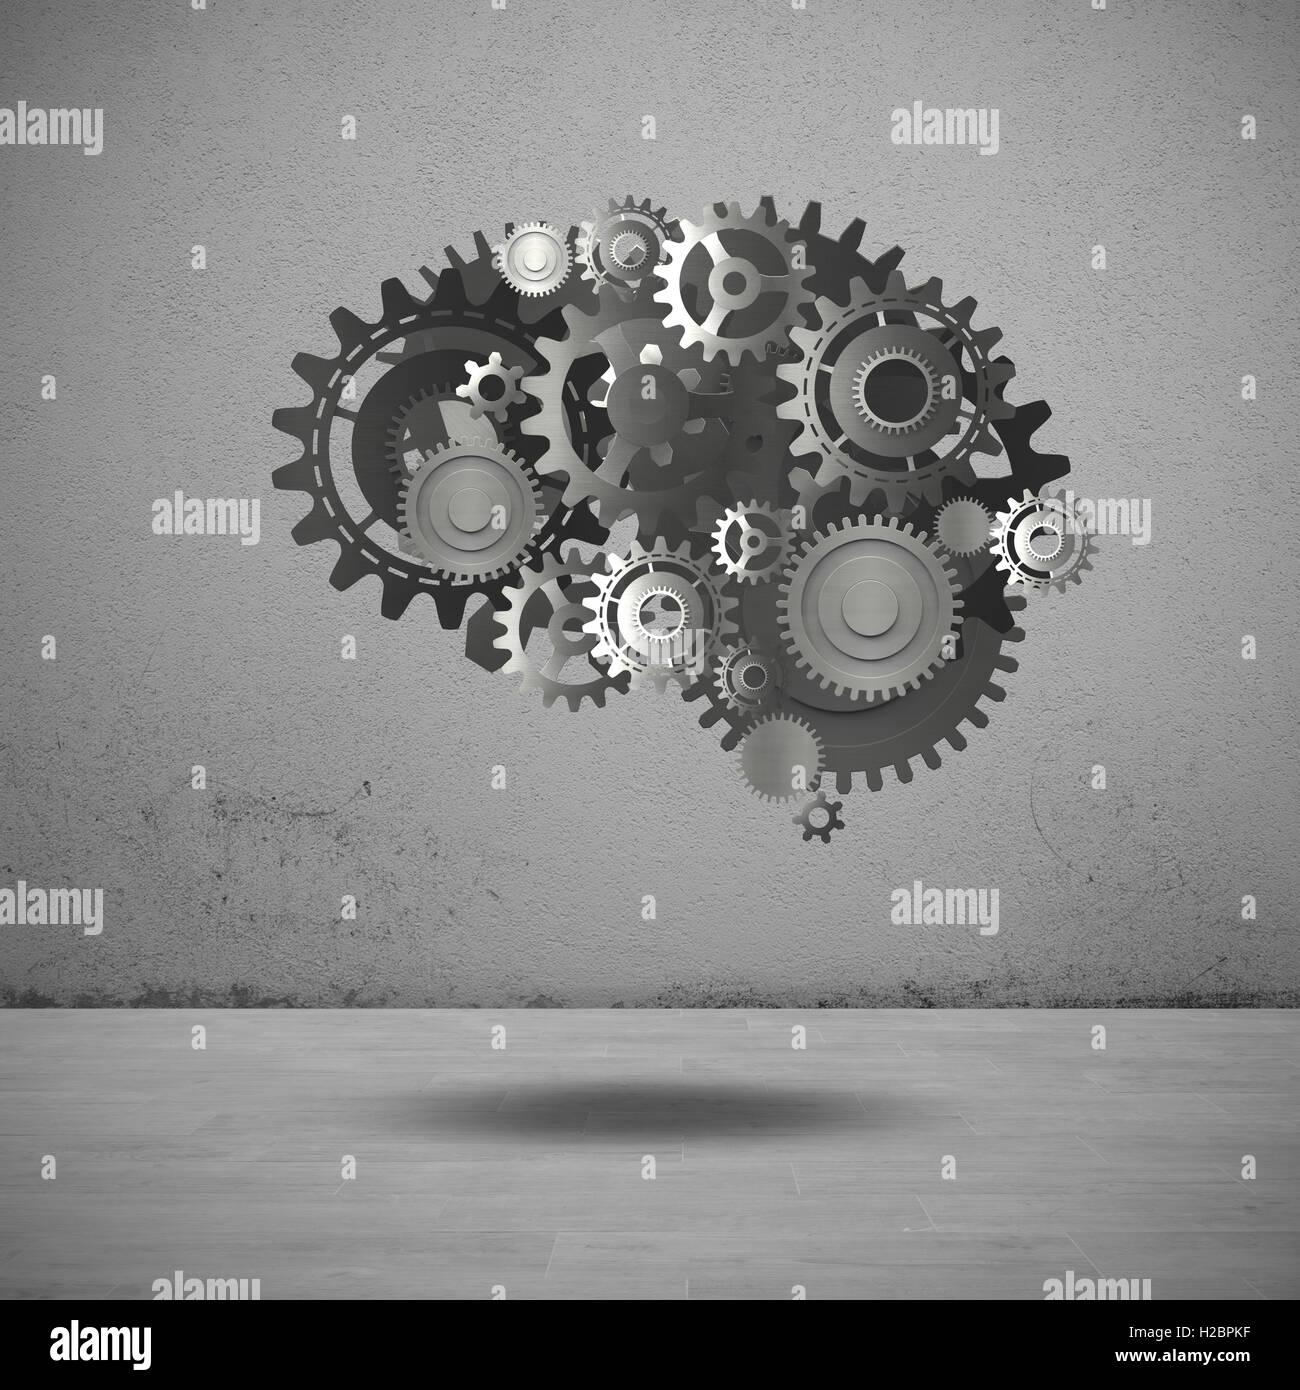 Mecanismo de engranajes cerebro 3D Rendering Imagen De Stock